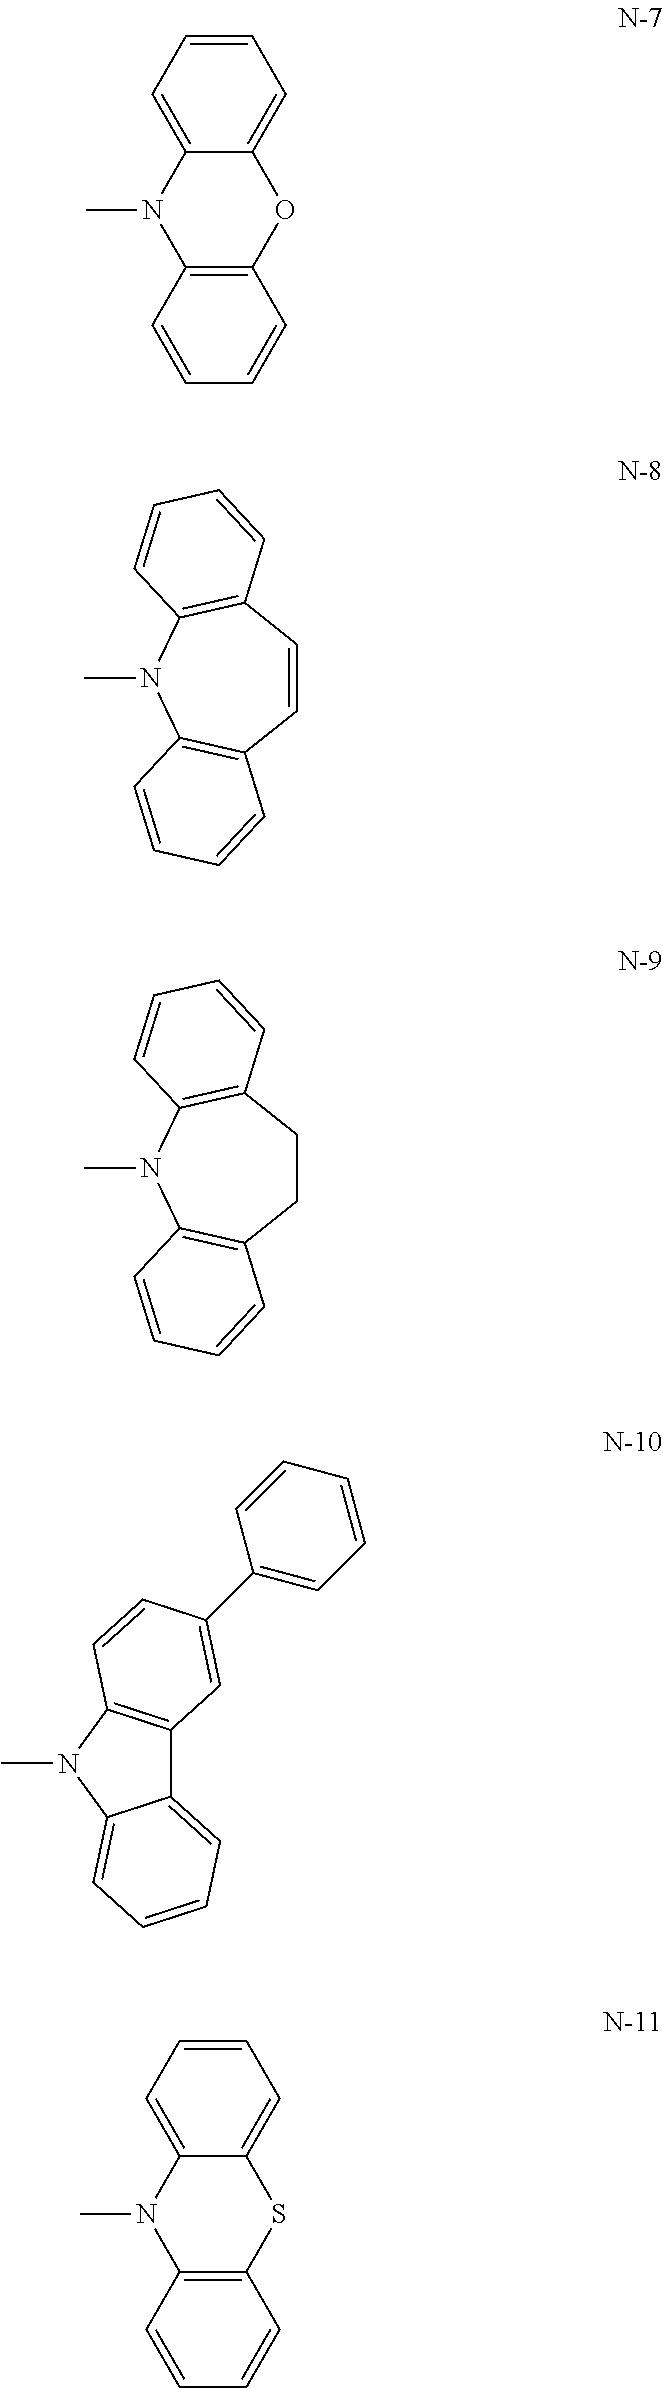 Figure US08847141-20140930-C00018